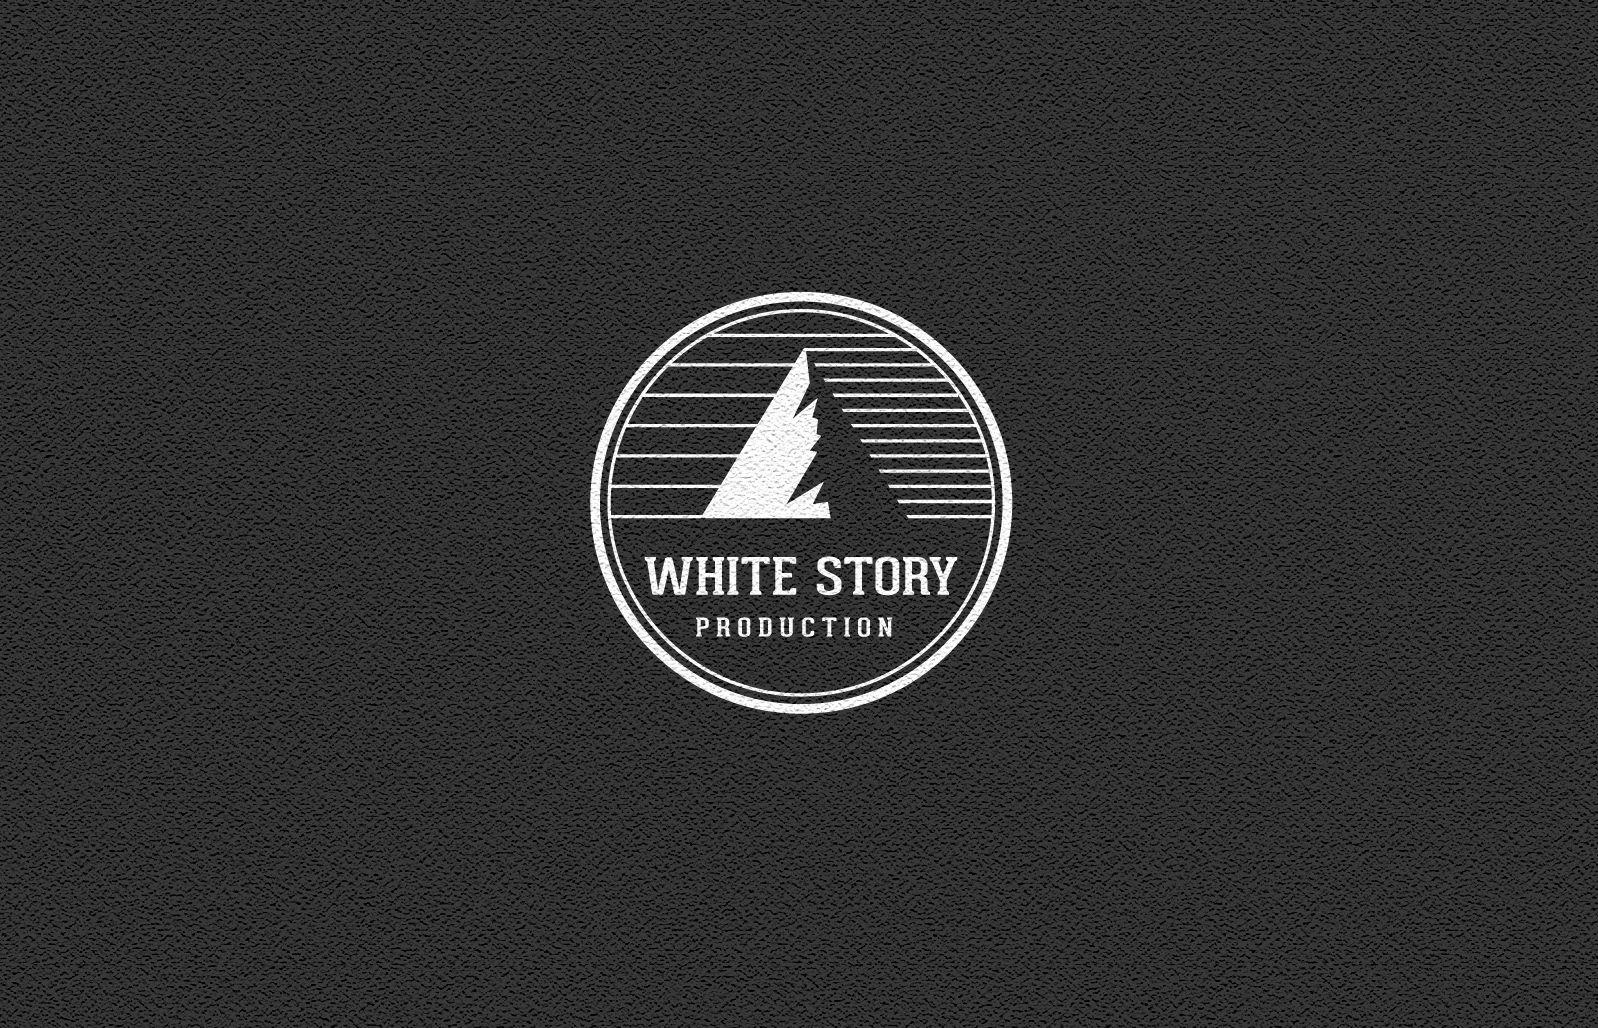 Логотип для Логотип для Фото и Видео продакшена - дизайнер andblin61